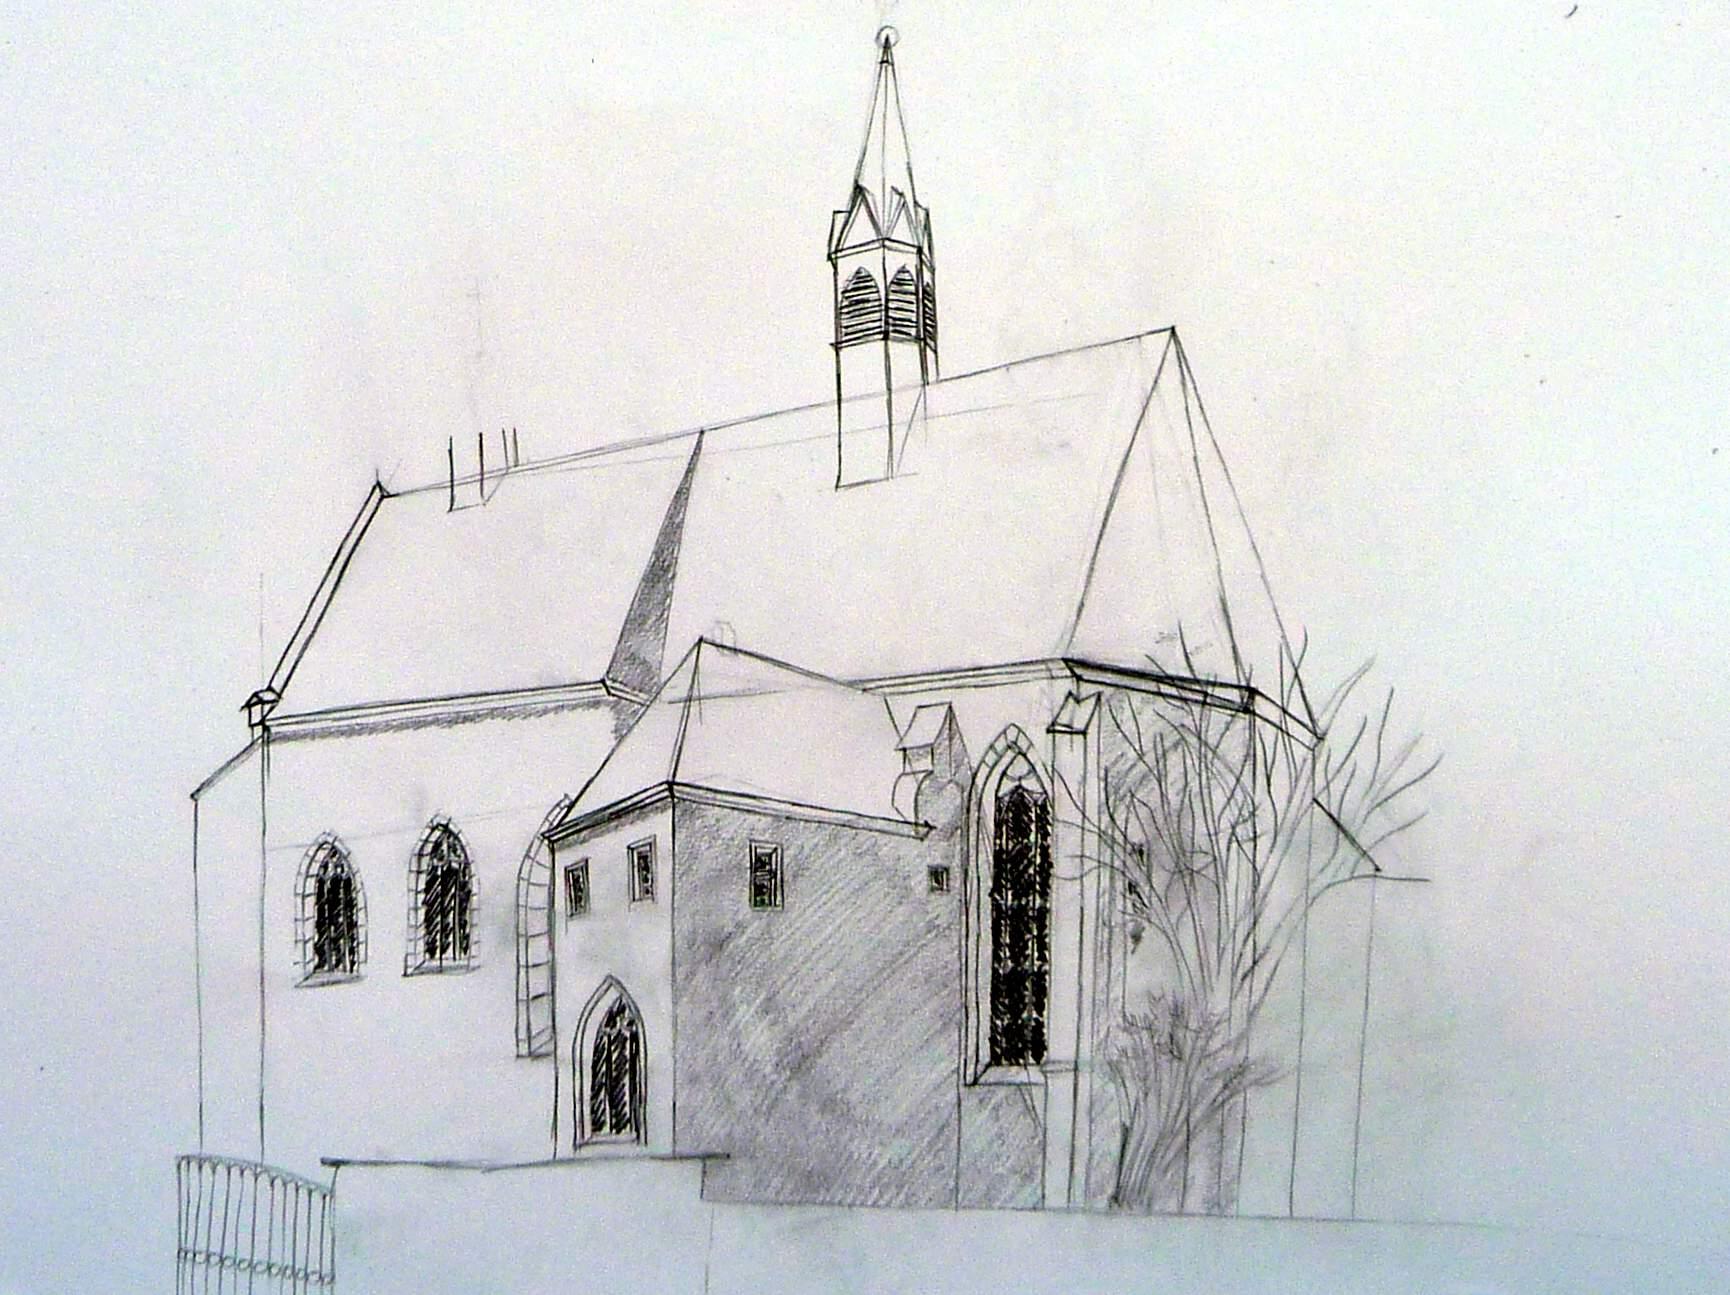 Sehen zeichnen arch blog - Architektur zeichnen ...